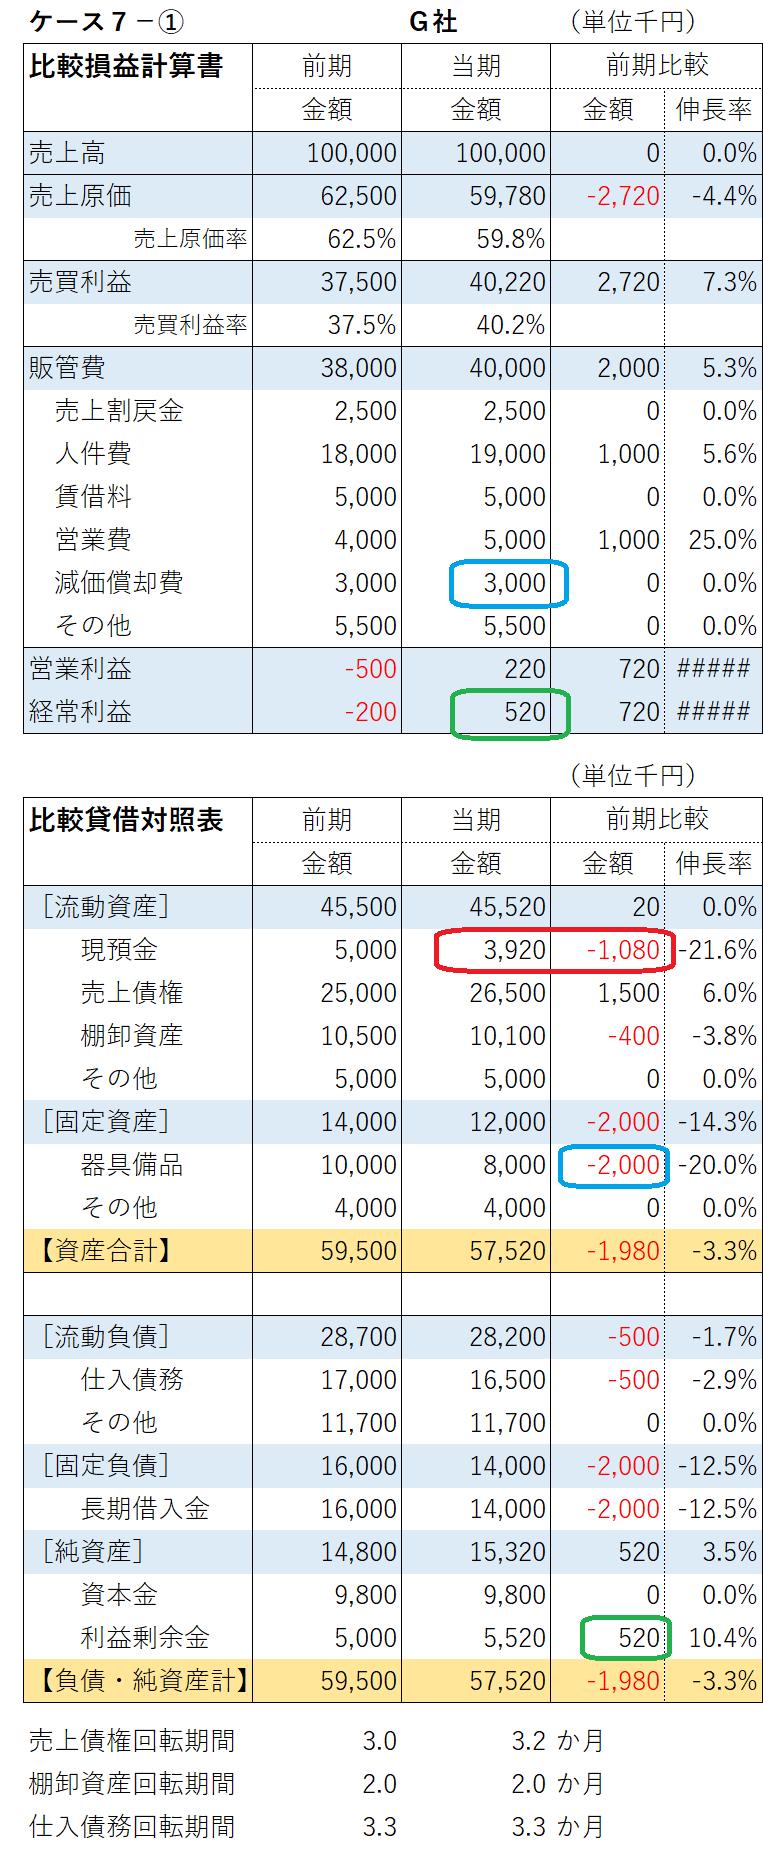 経営計画のヒント】 ㉑貸借対照表計画(3) ~前年比較~ | 山形 ...